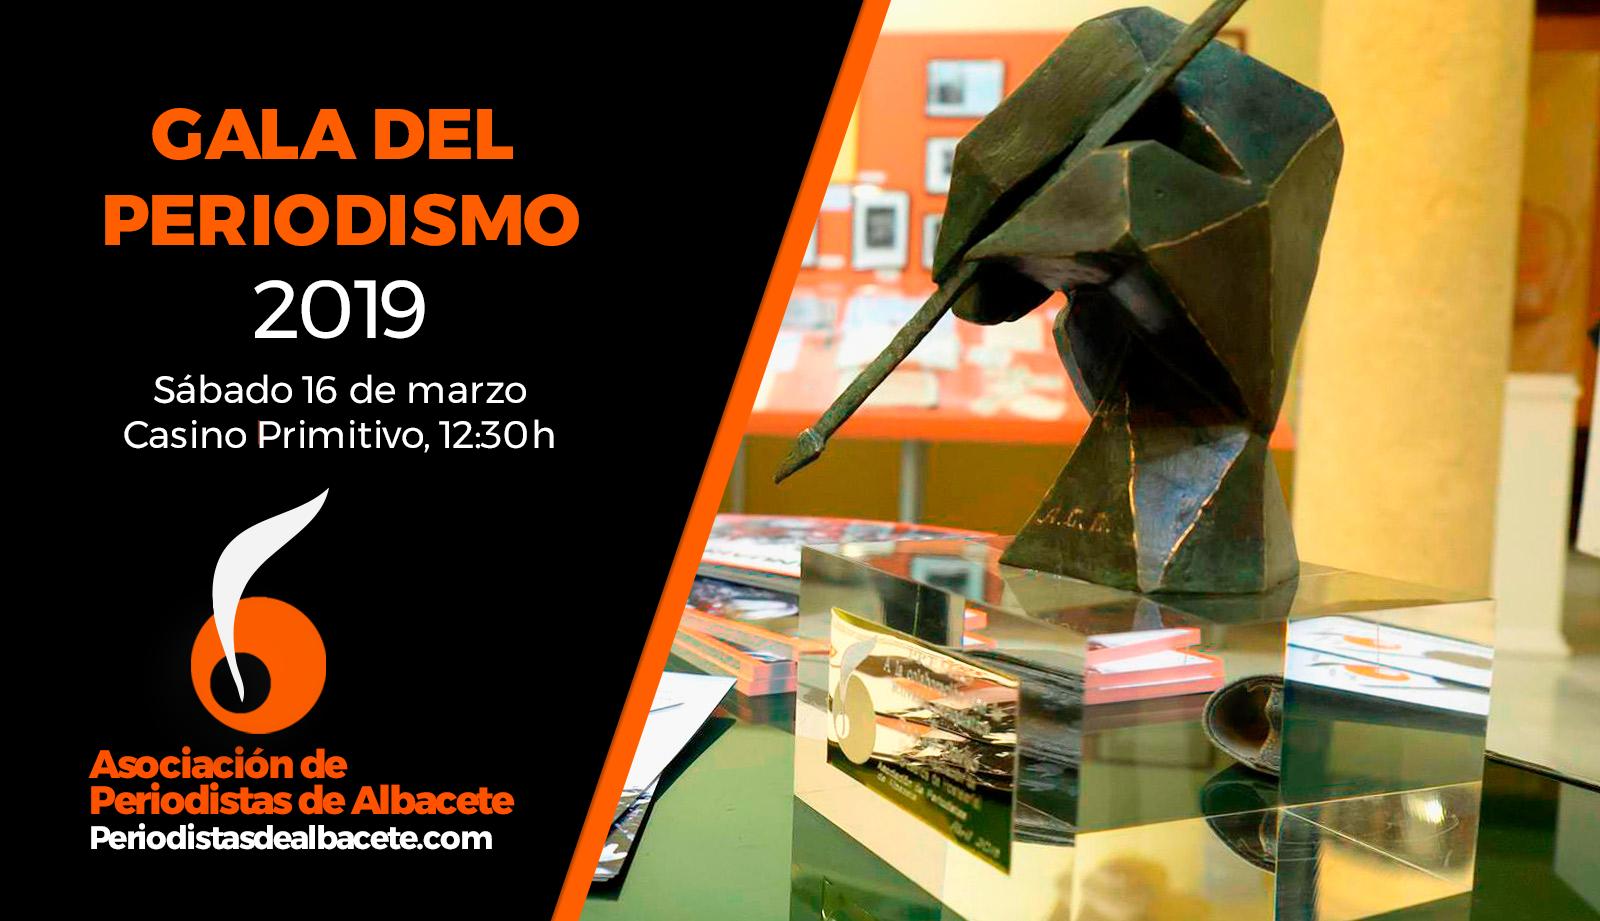 La Asociación de Periodistas de Albacete (APAB) celebra mañana sábado, a las 12,30 horas, en el Casino Primitivo de esta ciudad, su tradicional Gala de Periodismo